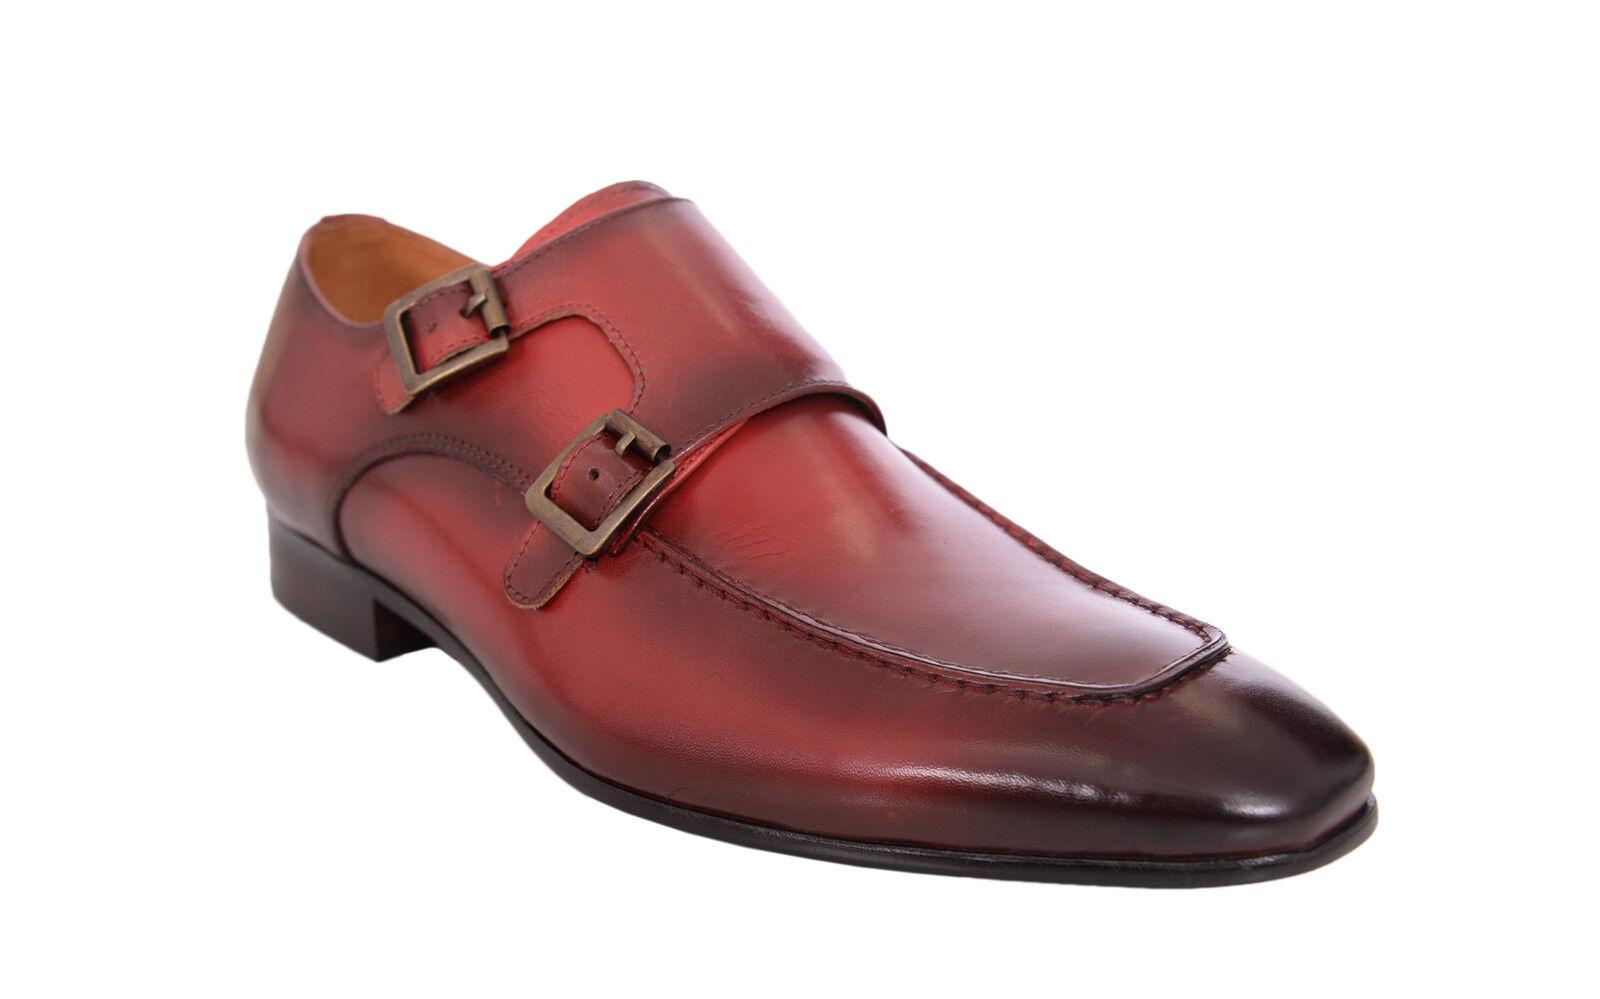 prima i clienti Carrucci rosso With Burnished Apron Toe Toe Toe Double Monk Strap Leather Dress scarpe  vendendo bene in tutto il mondo